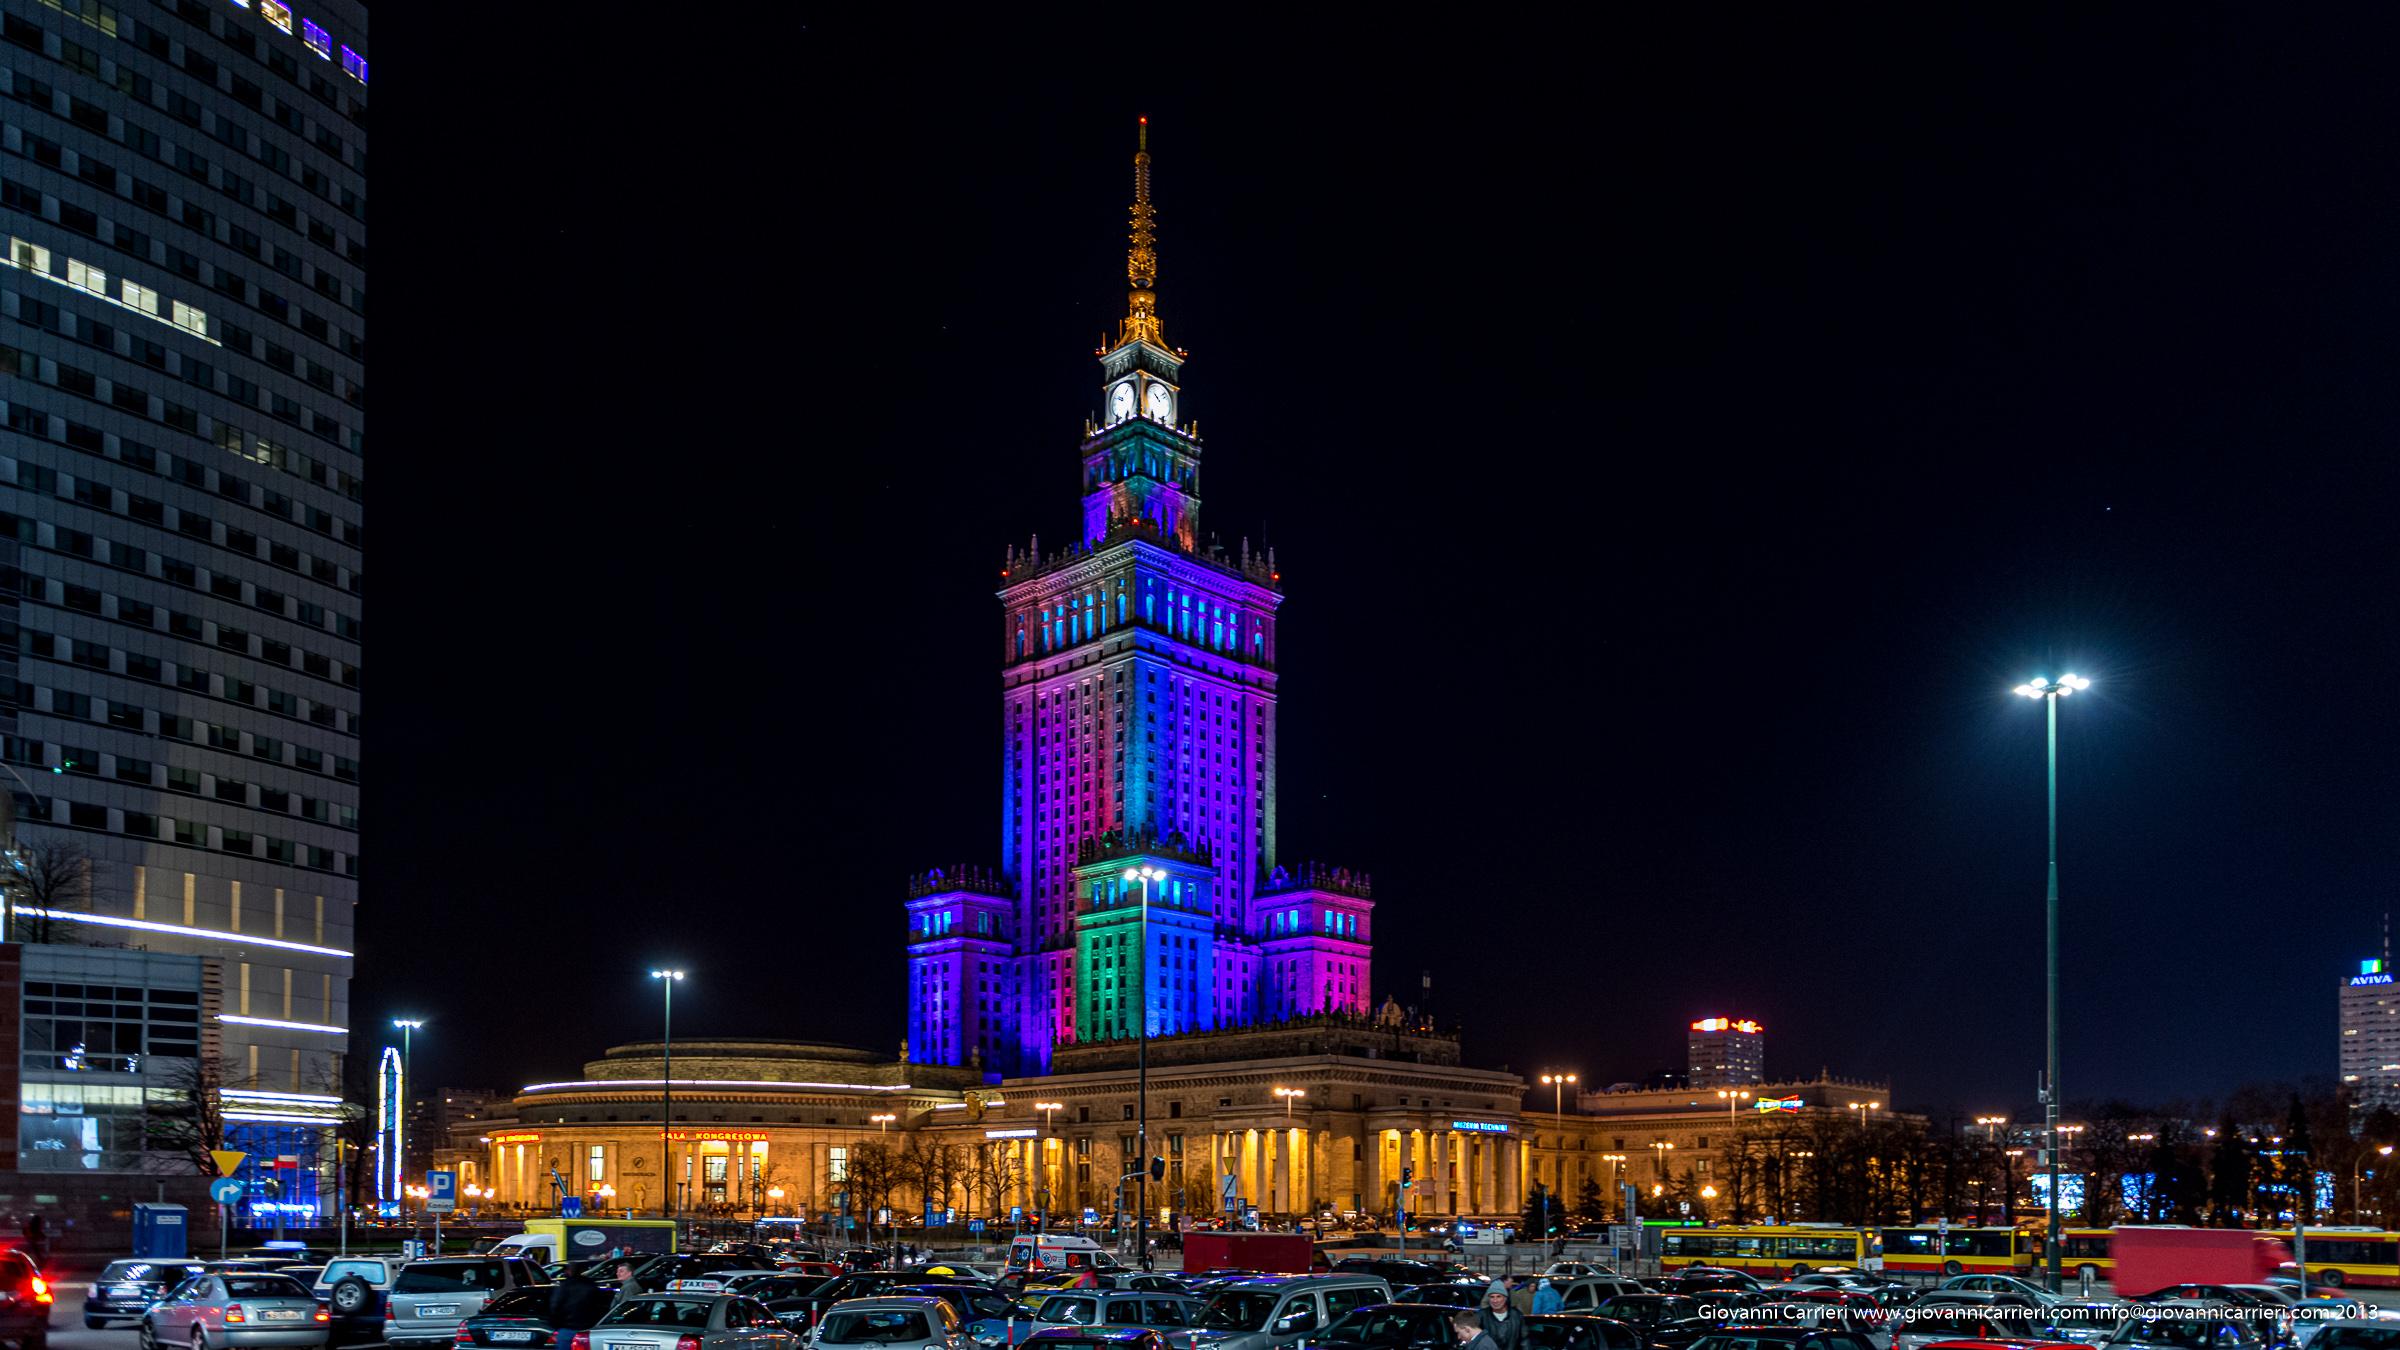 Il palazzo della cultura e della scienza visto di notte - Iosif Stalin